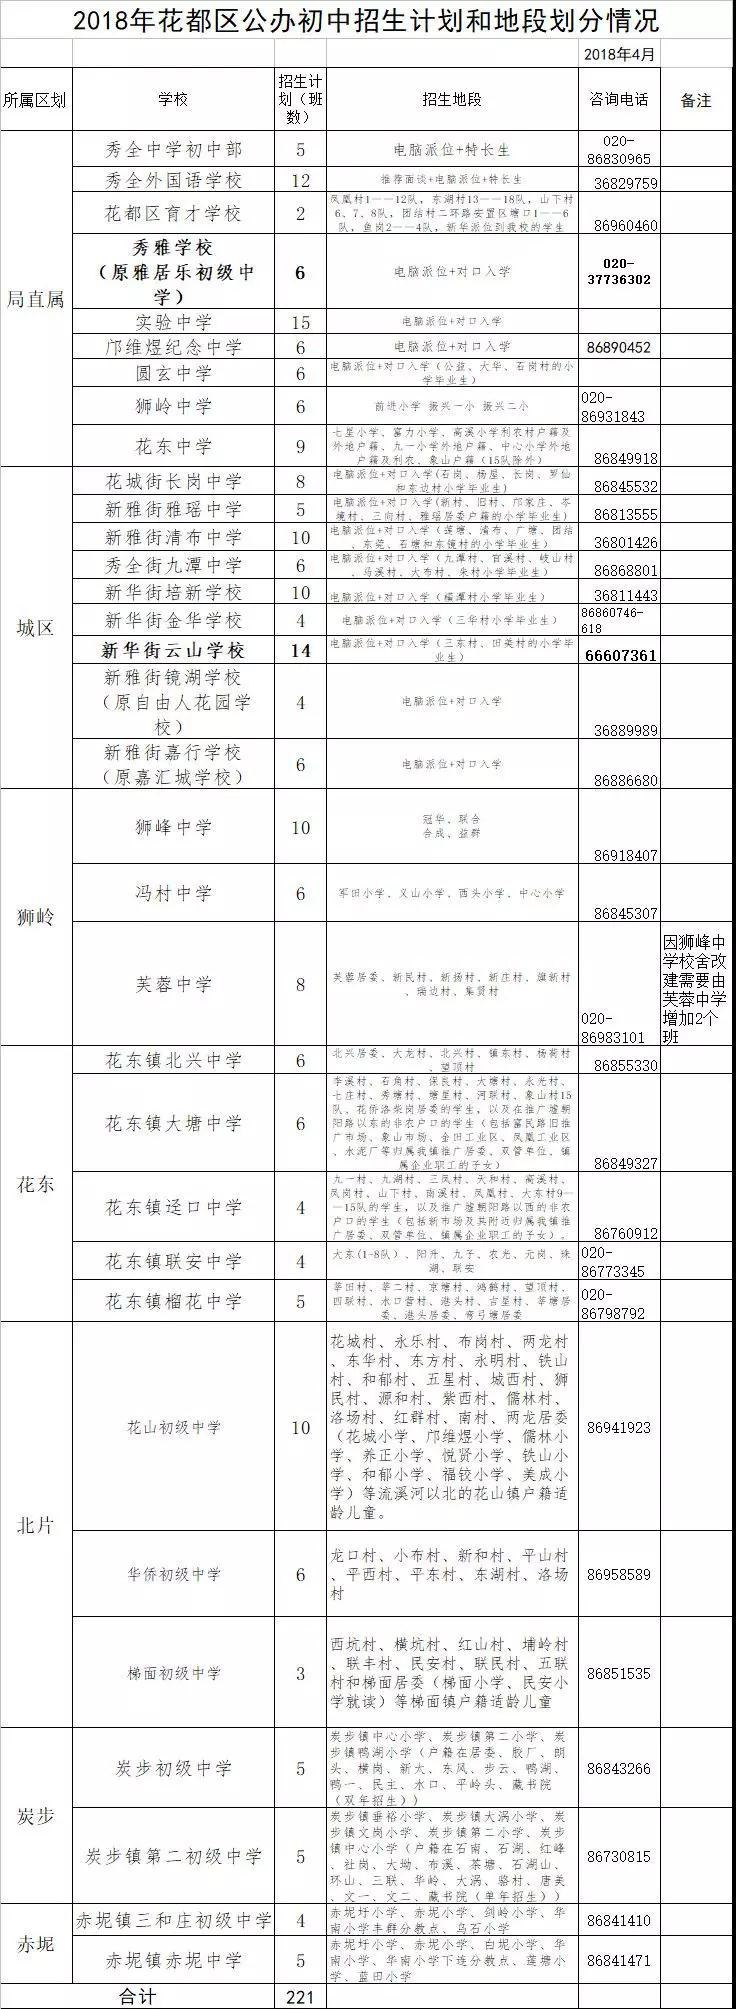 2019广州花都区电脑派位和对口直升表